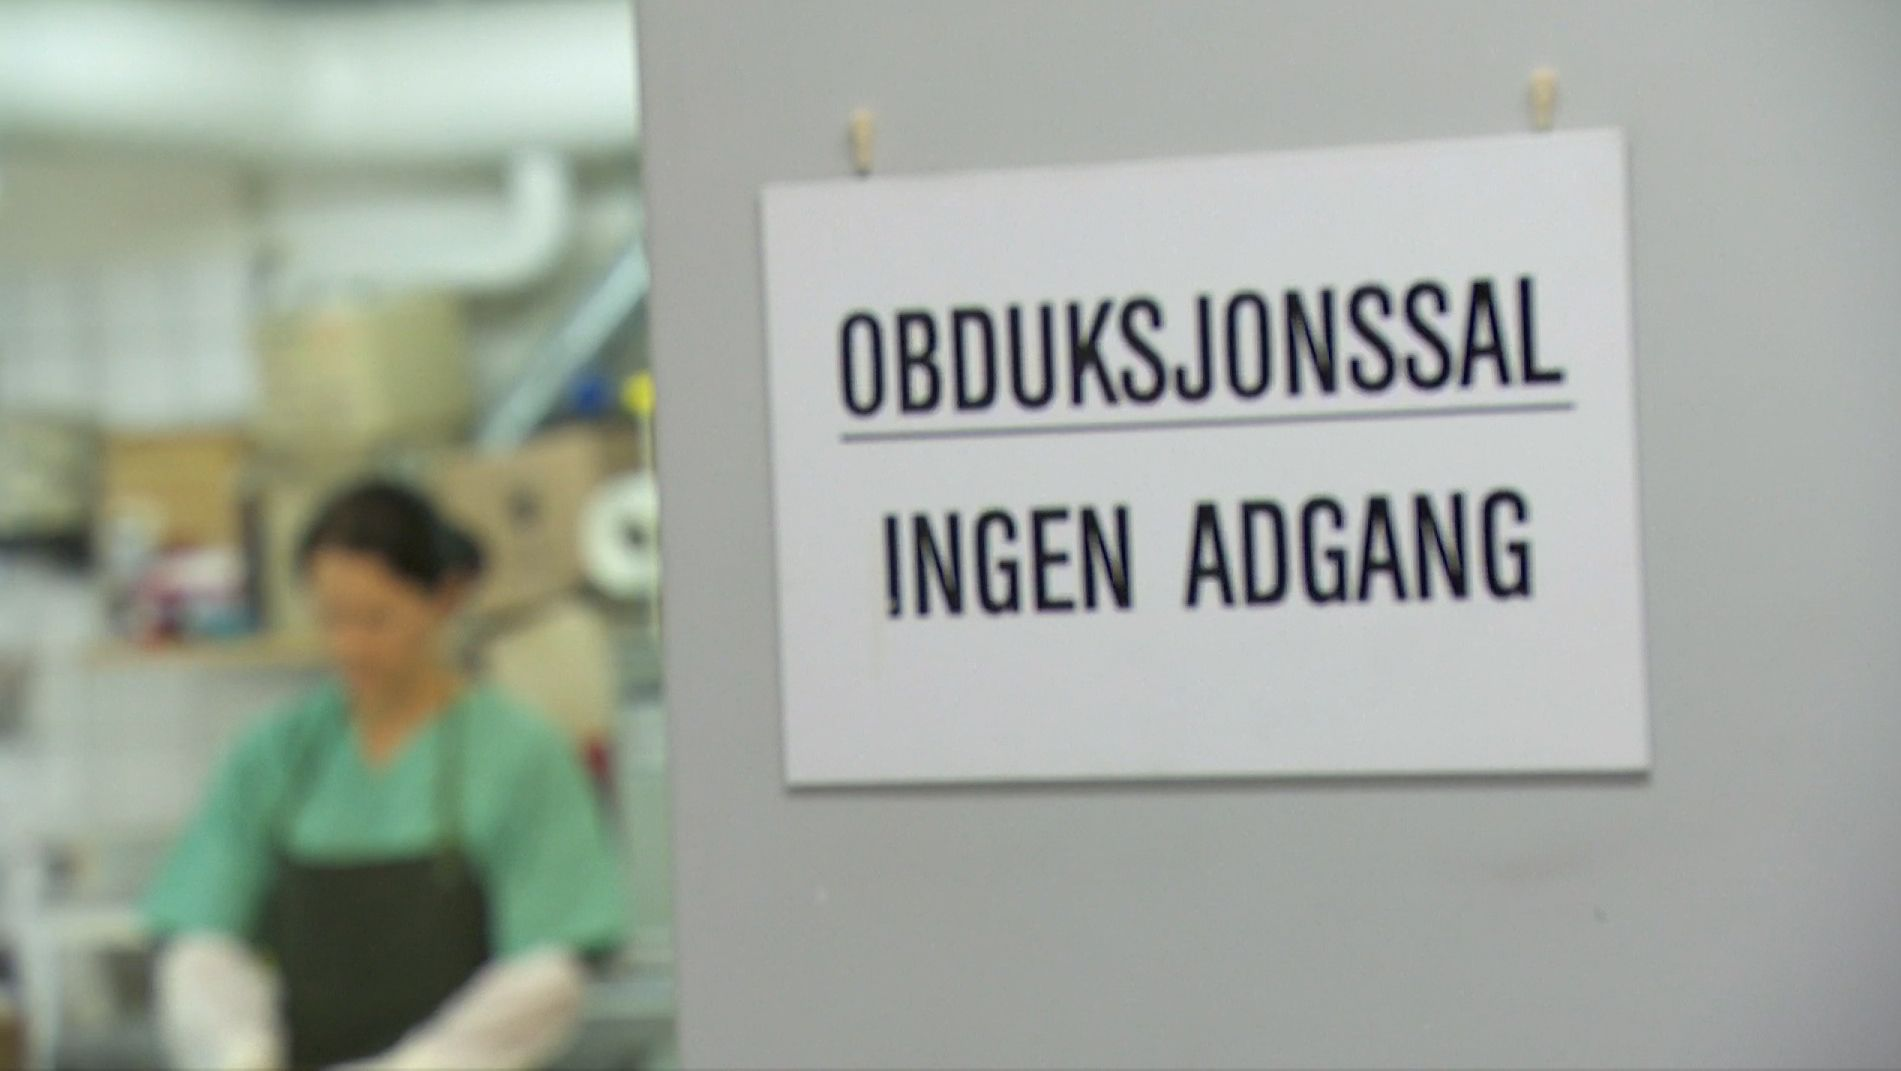 Obduktionssaal in Norwegen